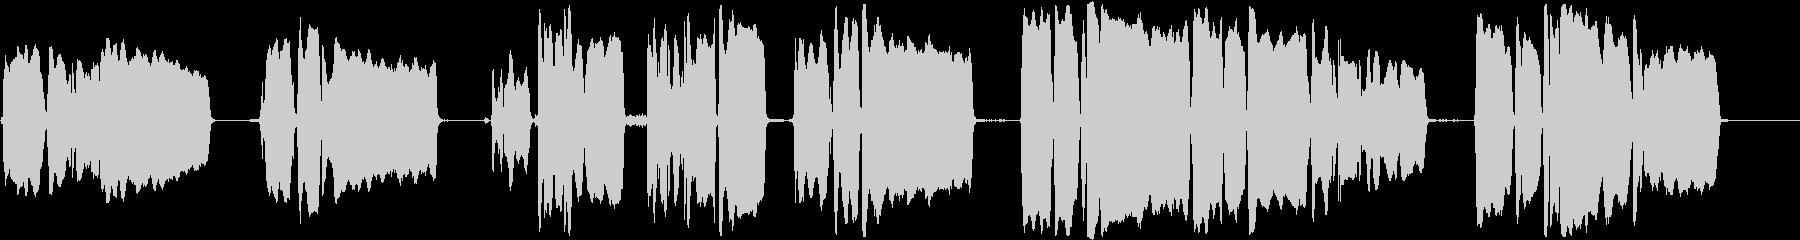 トランペット:最後の投稿、プレイの...の未再生の波形